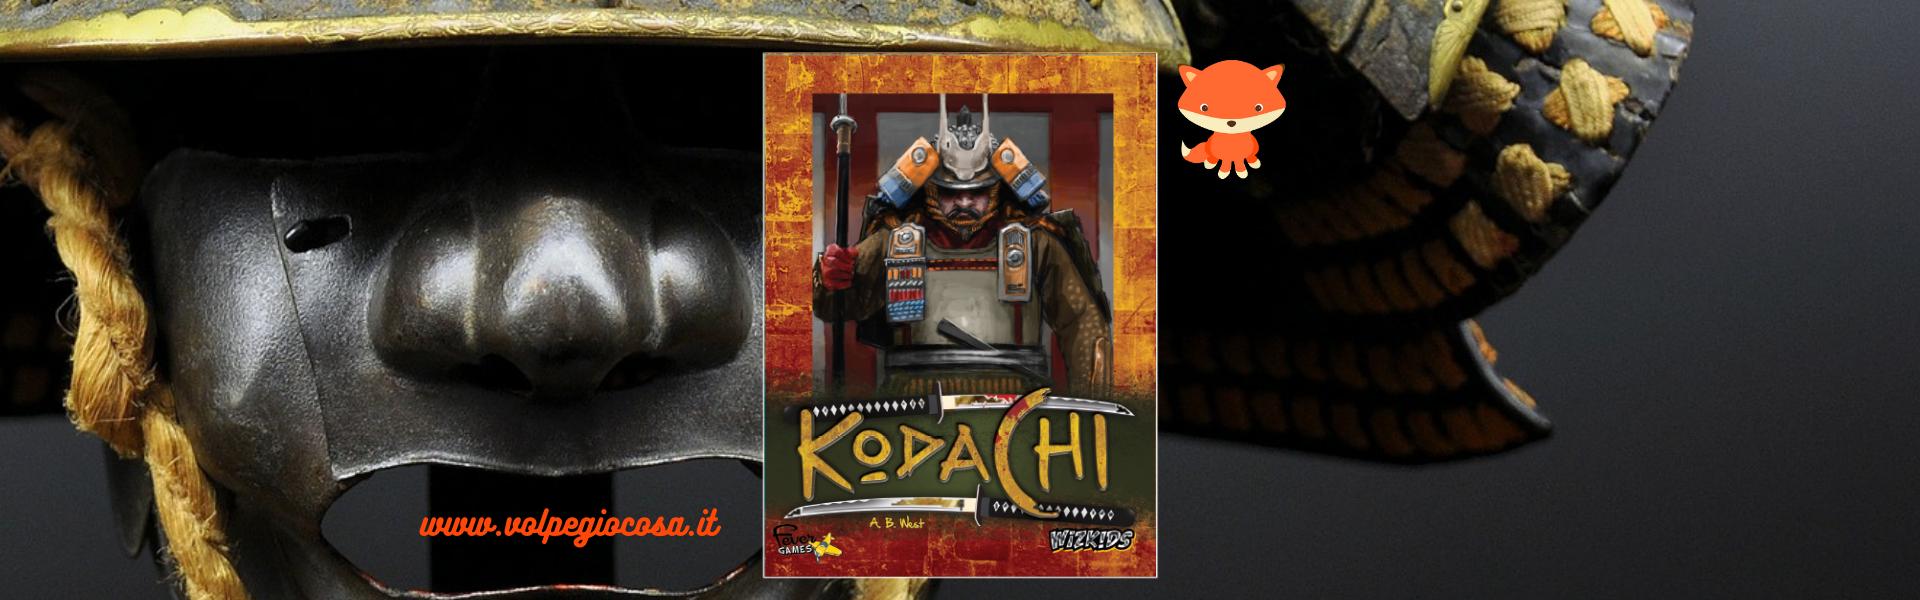 Il solitario di Kodachi: assaltare il Palazzo da soli